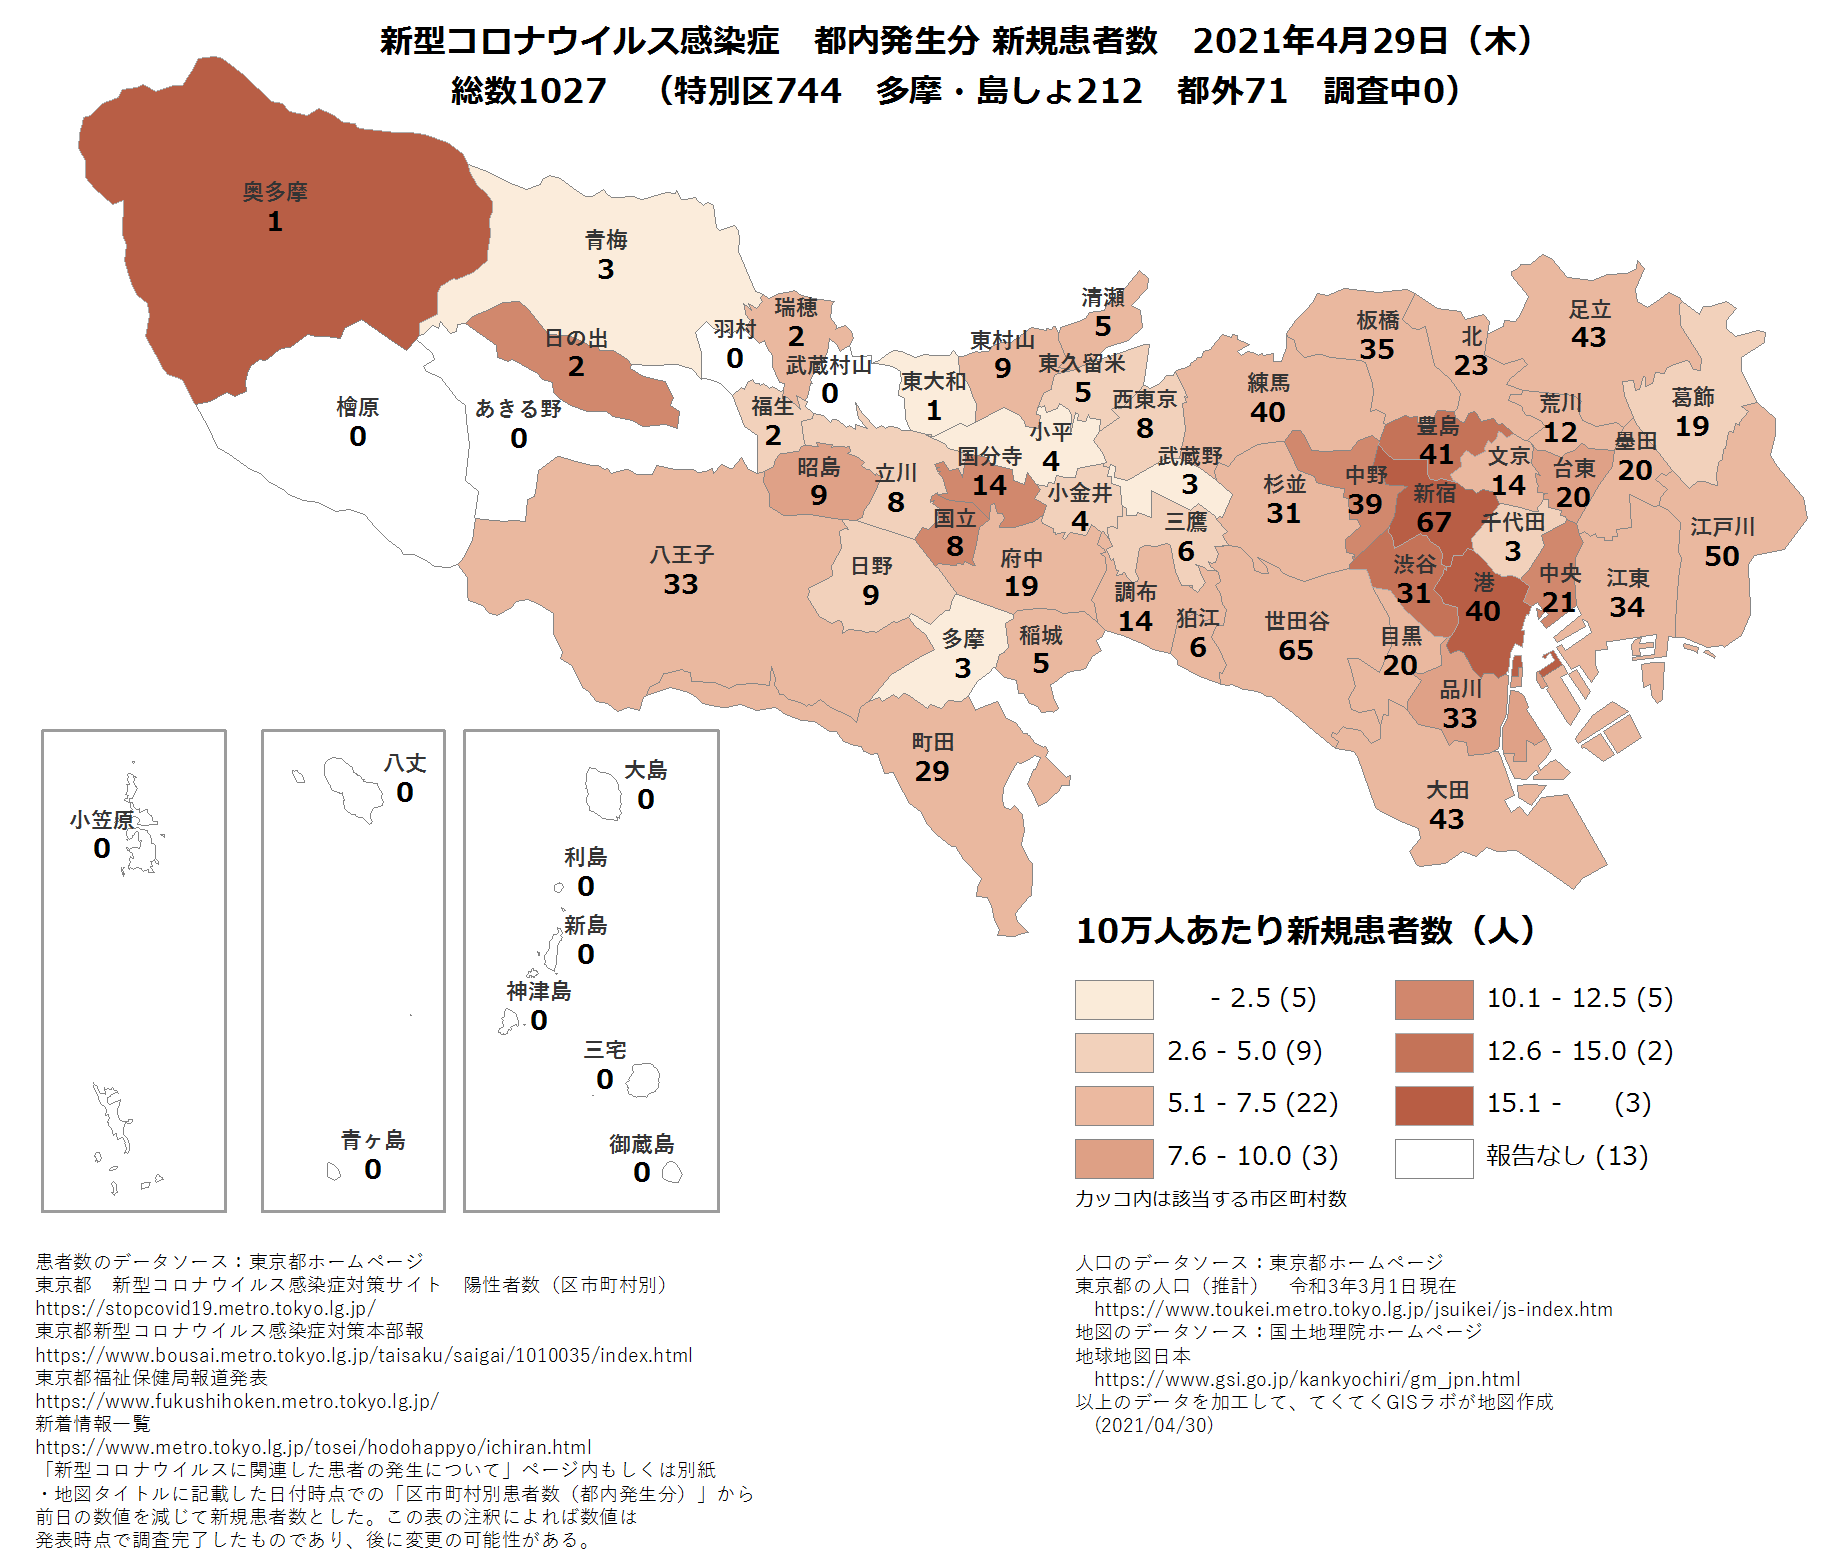 新規患者数、4月29日、東京